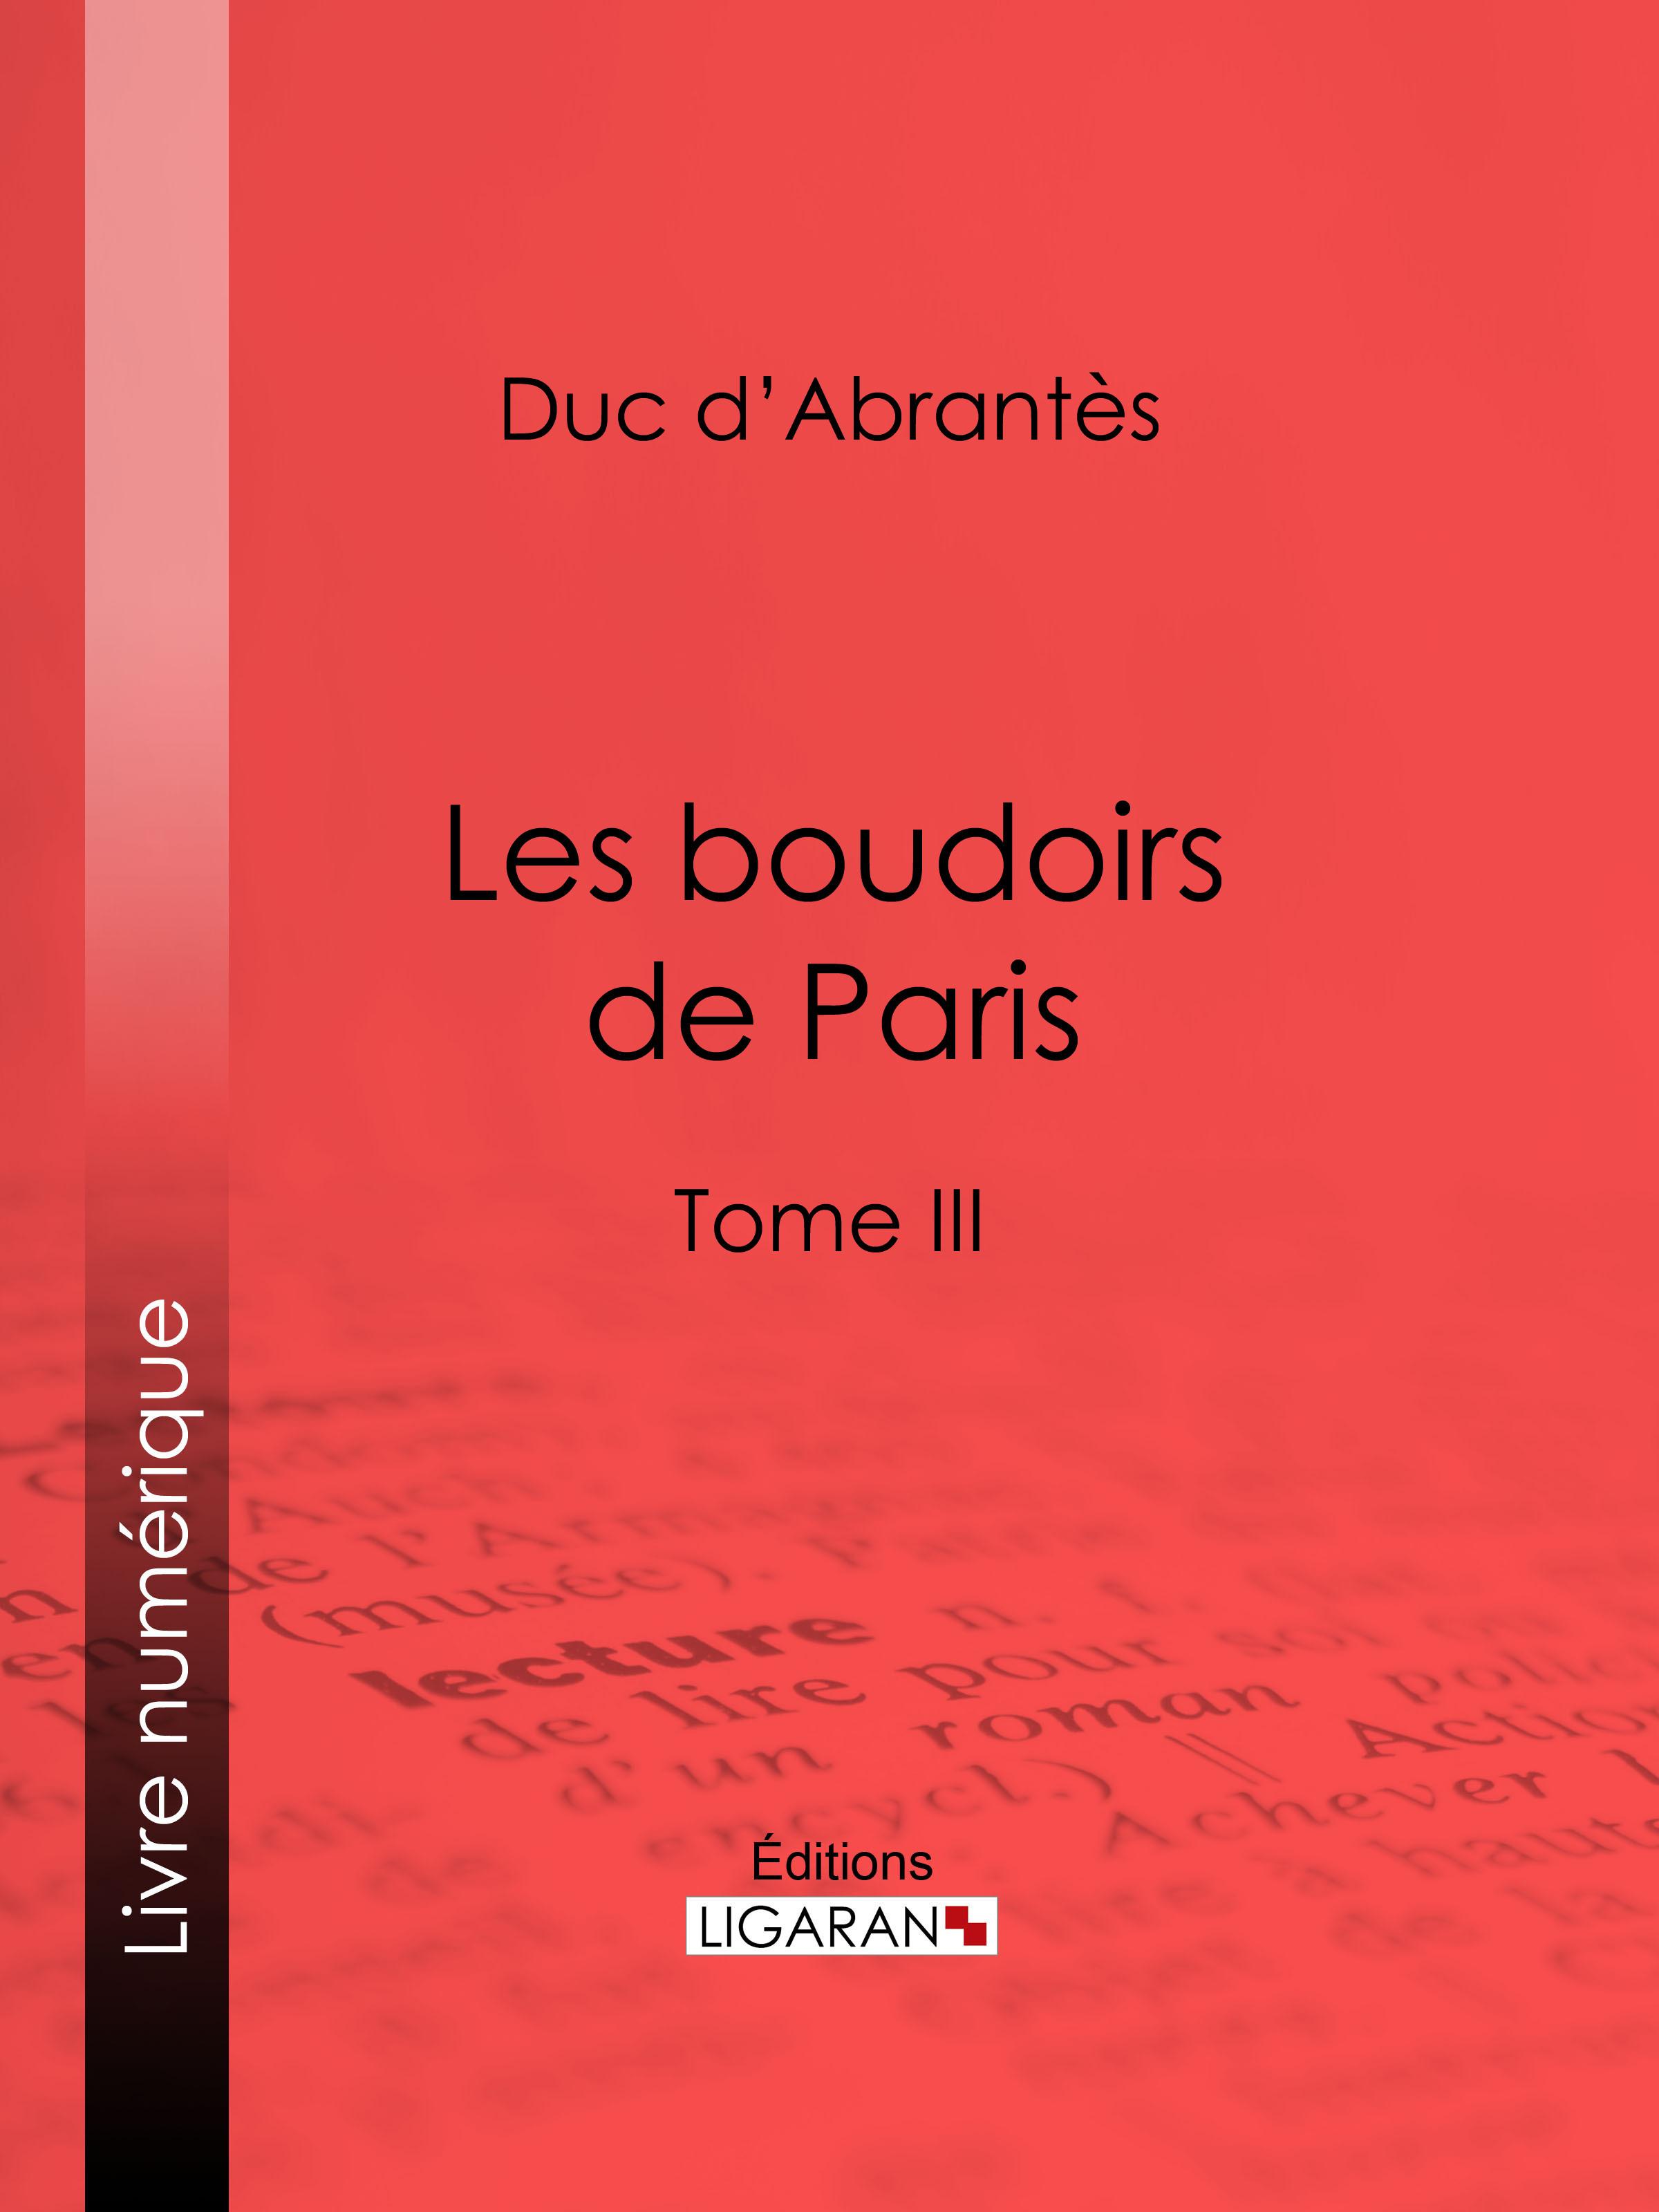 Les Boudoirs de Paris